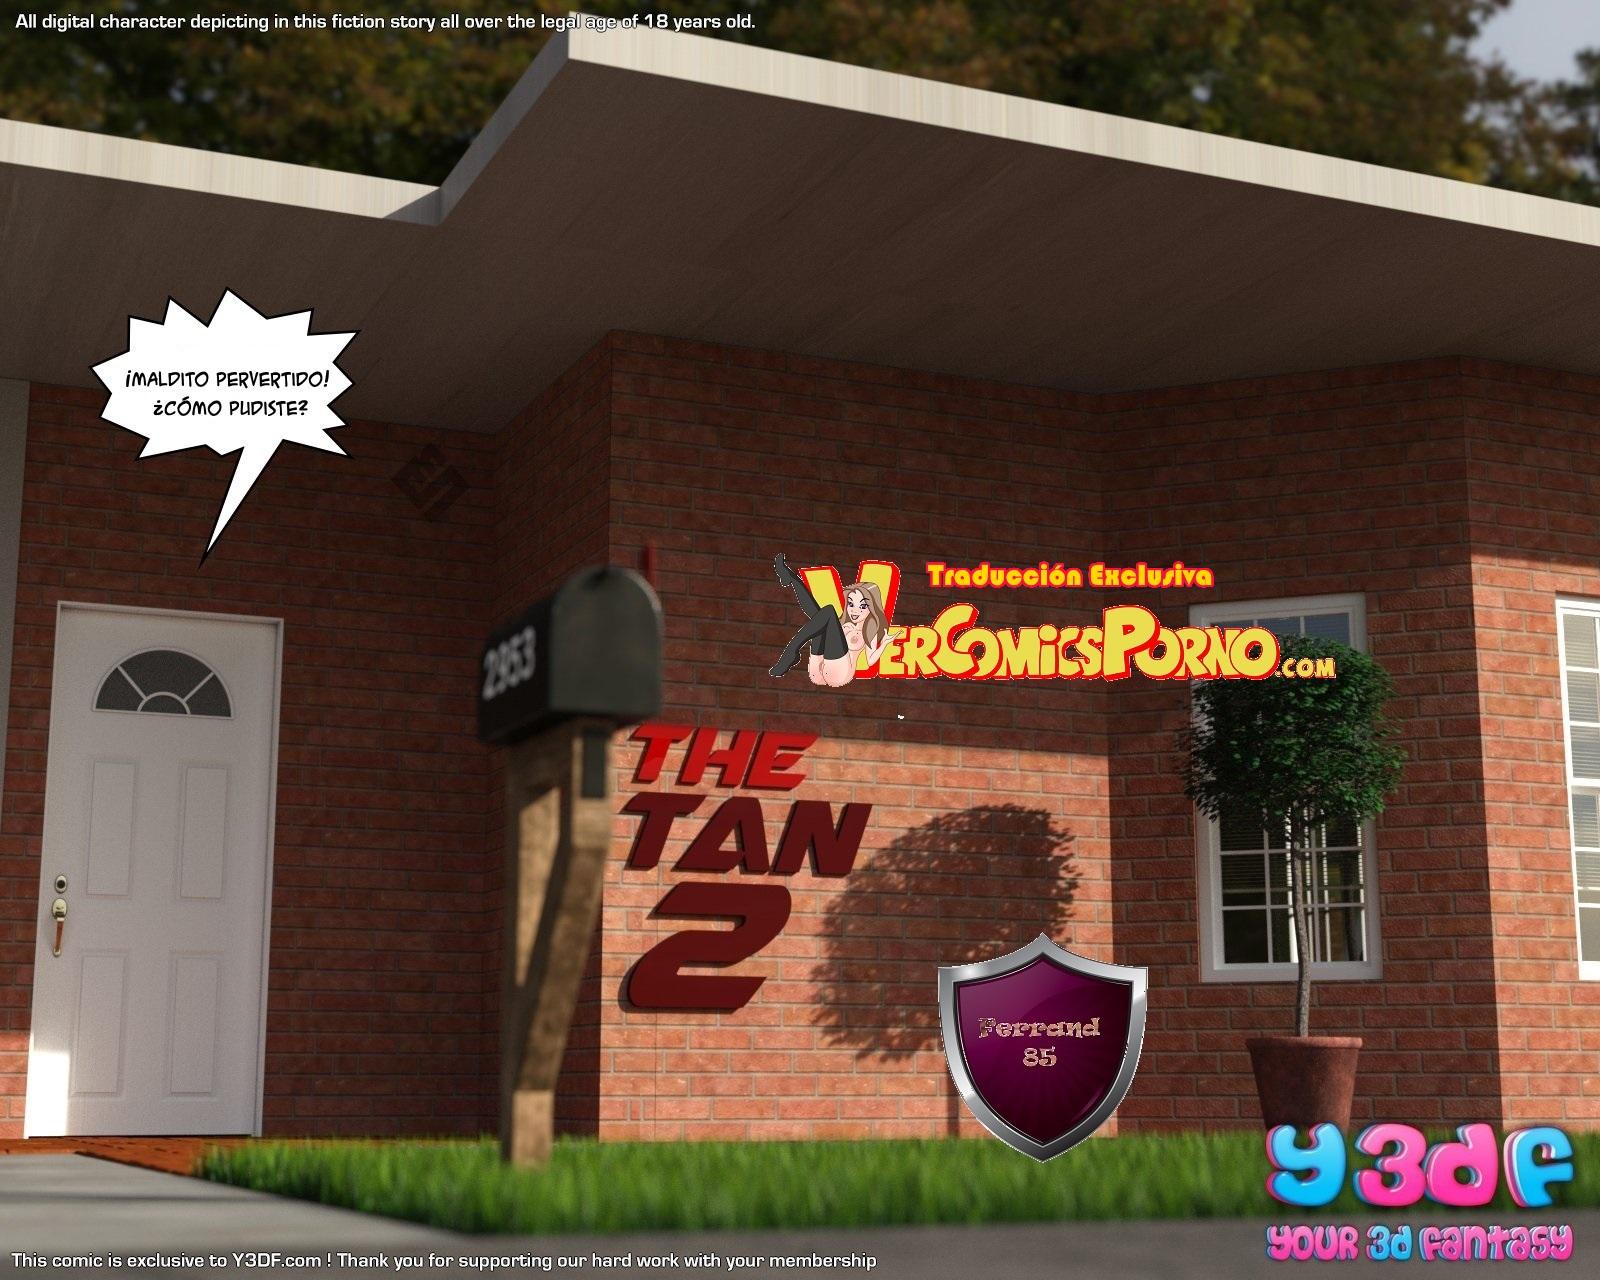 Madre e hijo follando The Tan Y3df parte 2 | Vercomicsporno